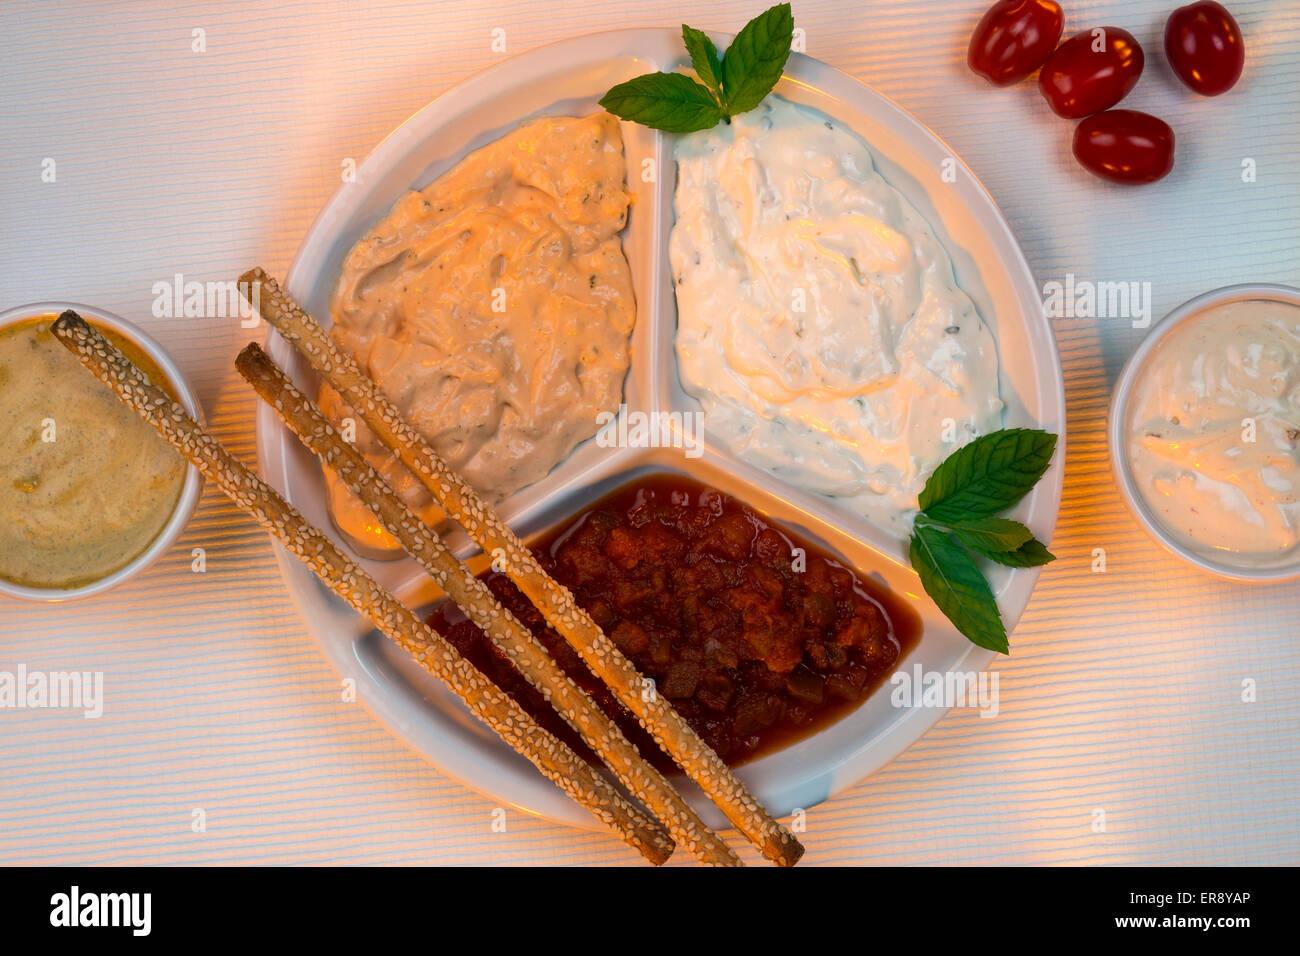 Une sélection de partie dips avec bâtonnets de pain et d'autres crudités. Photo Stock